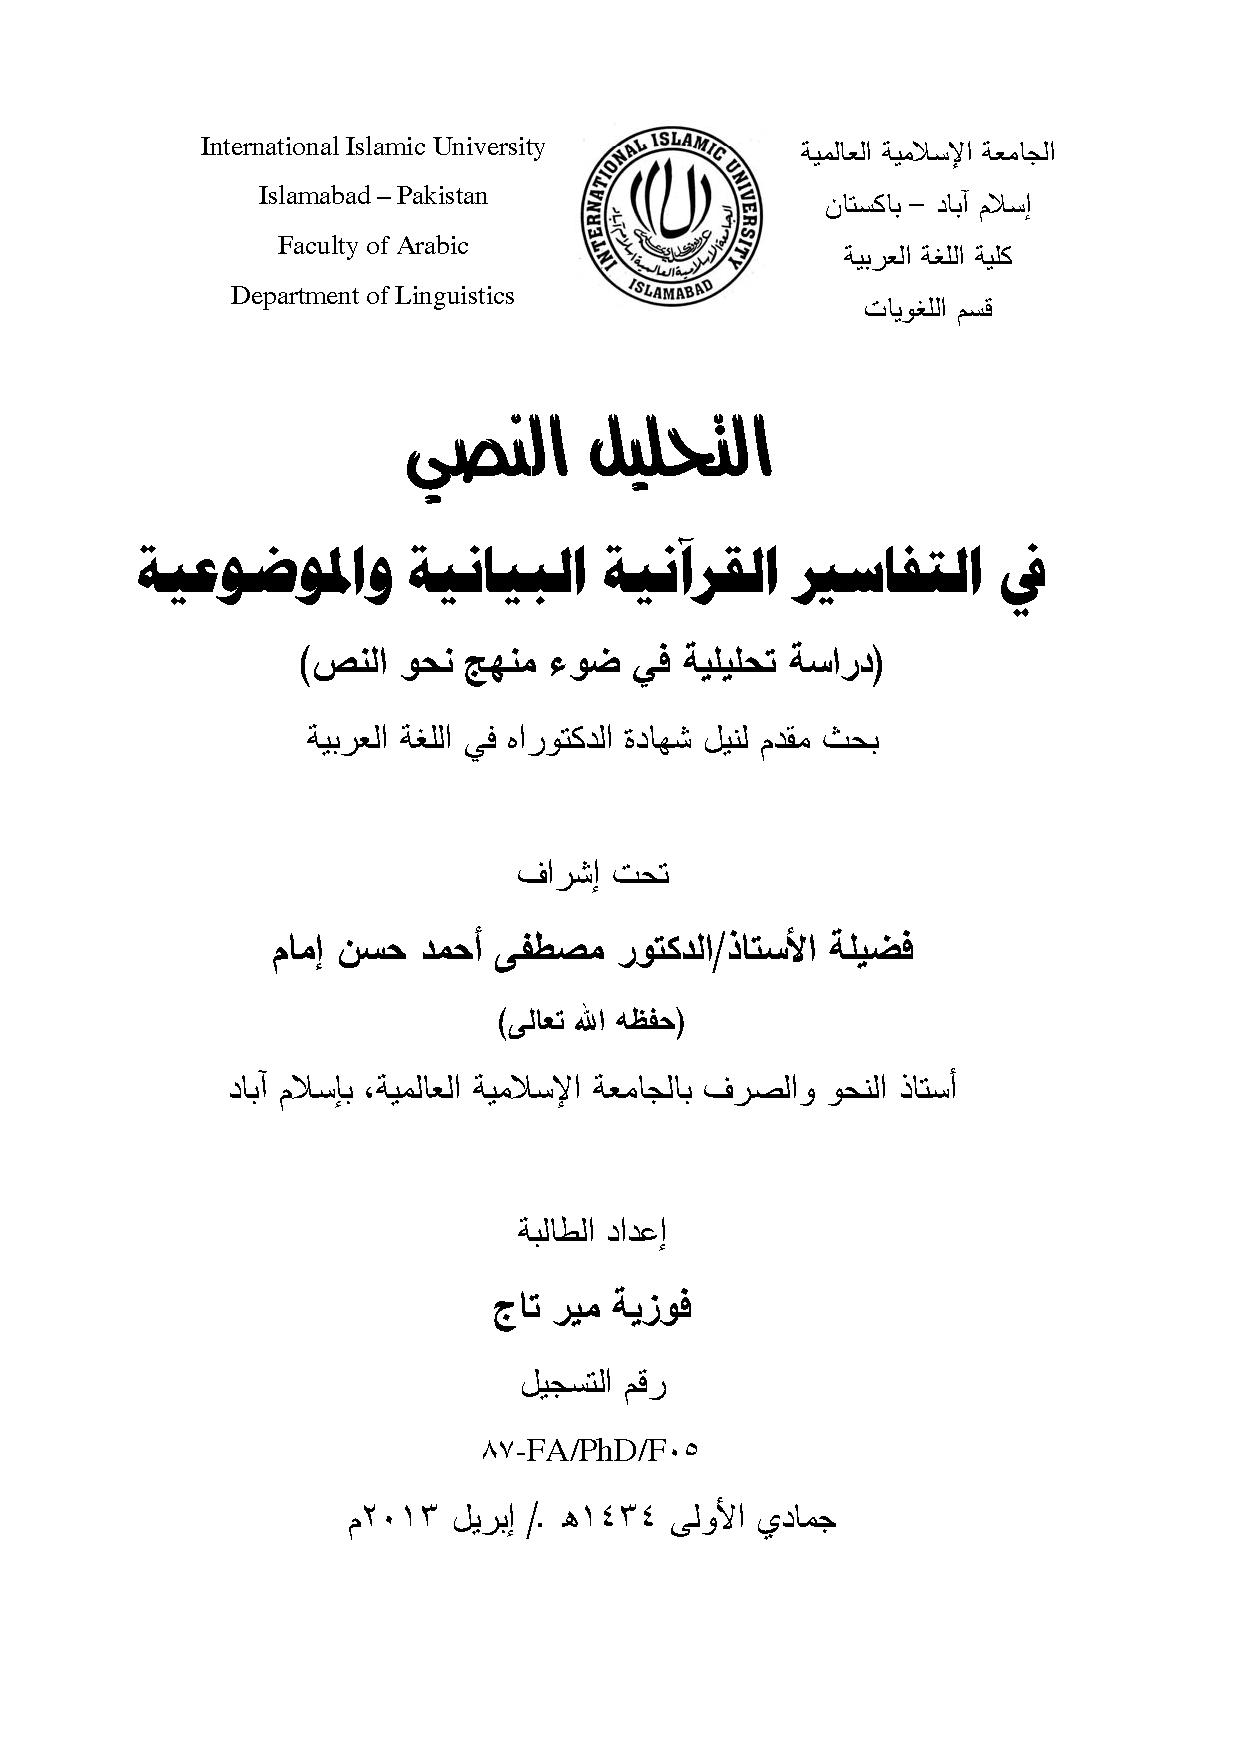 التحليل النصي في التفاسير القرآنية البيانية والموضوعية (دراسة تحليلية في ضوء منهج نحو النص) - فوزية مير تاج